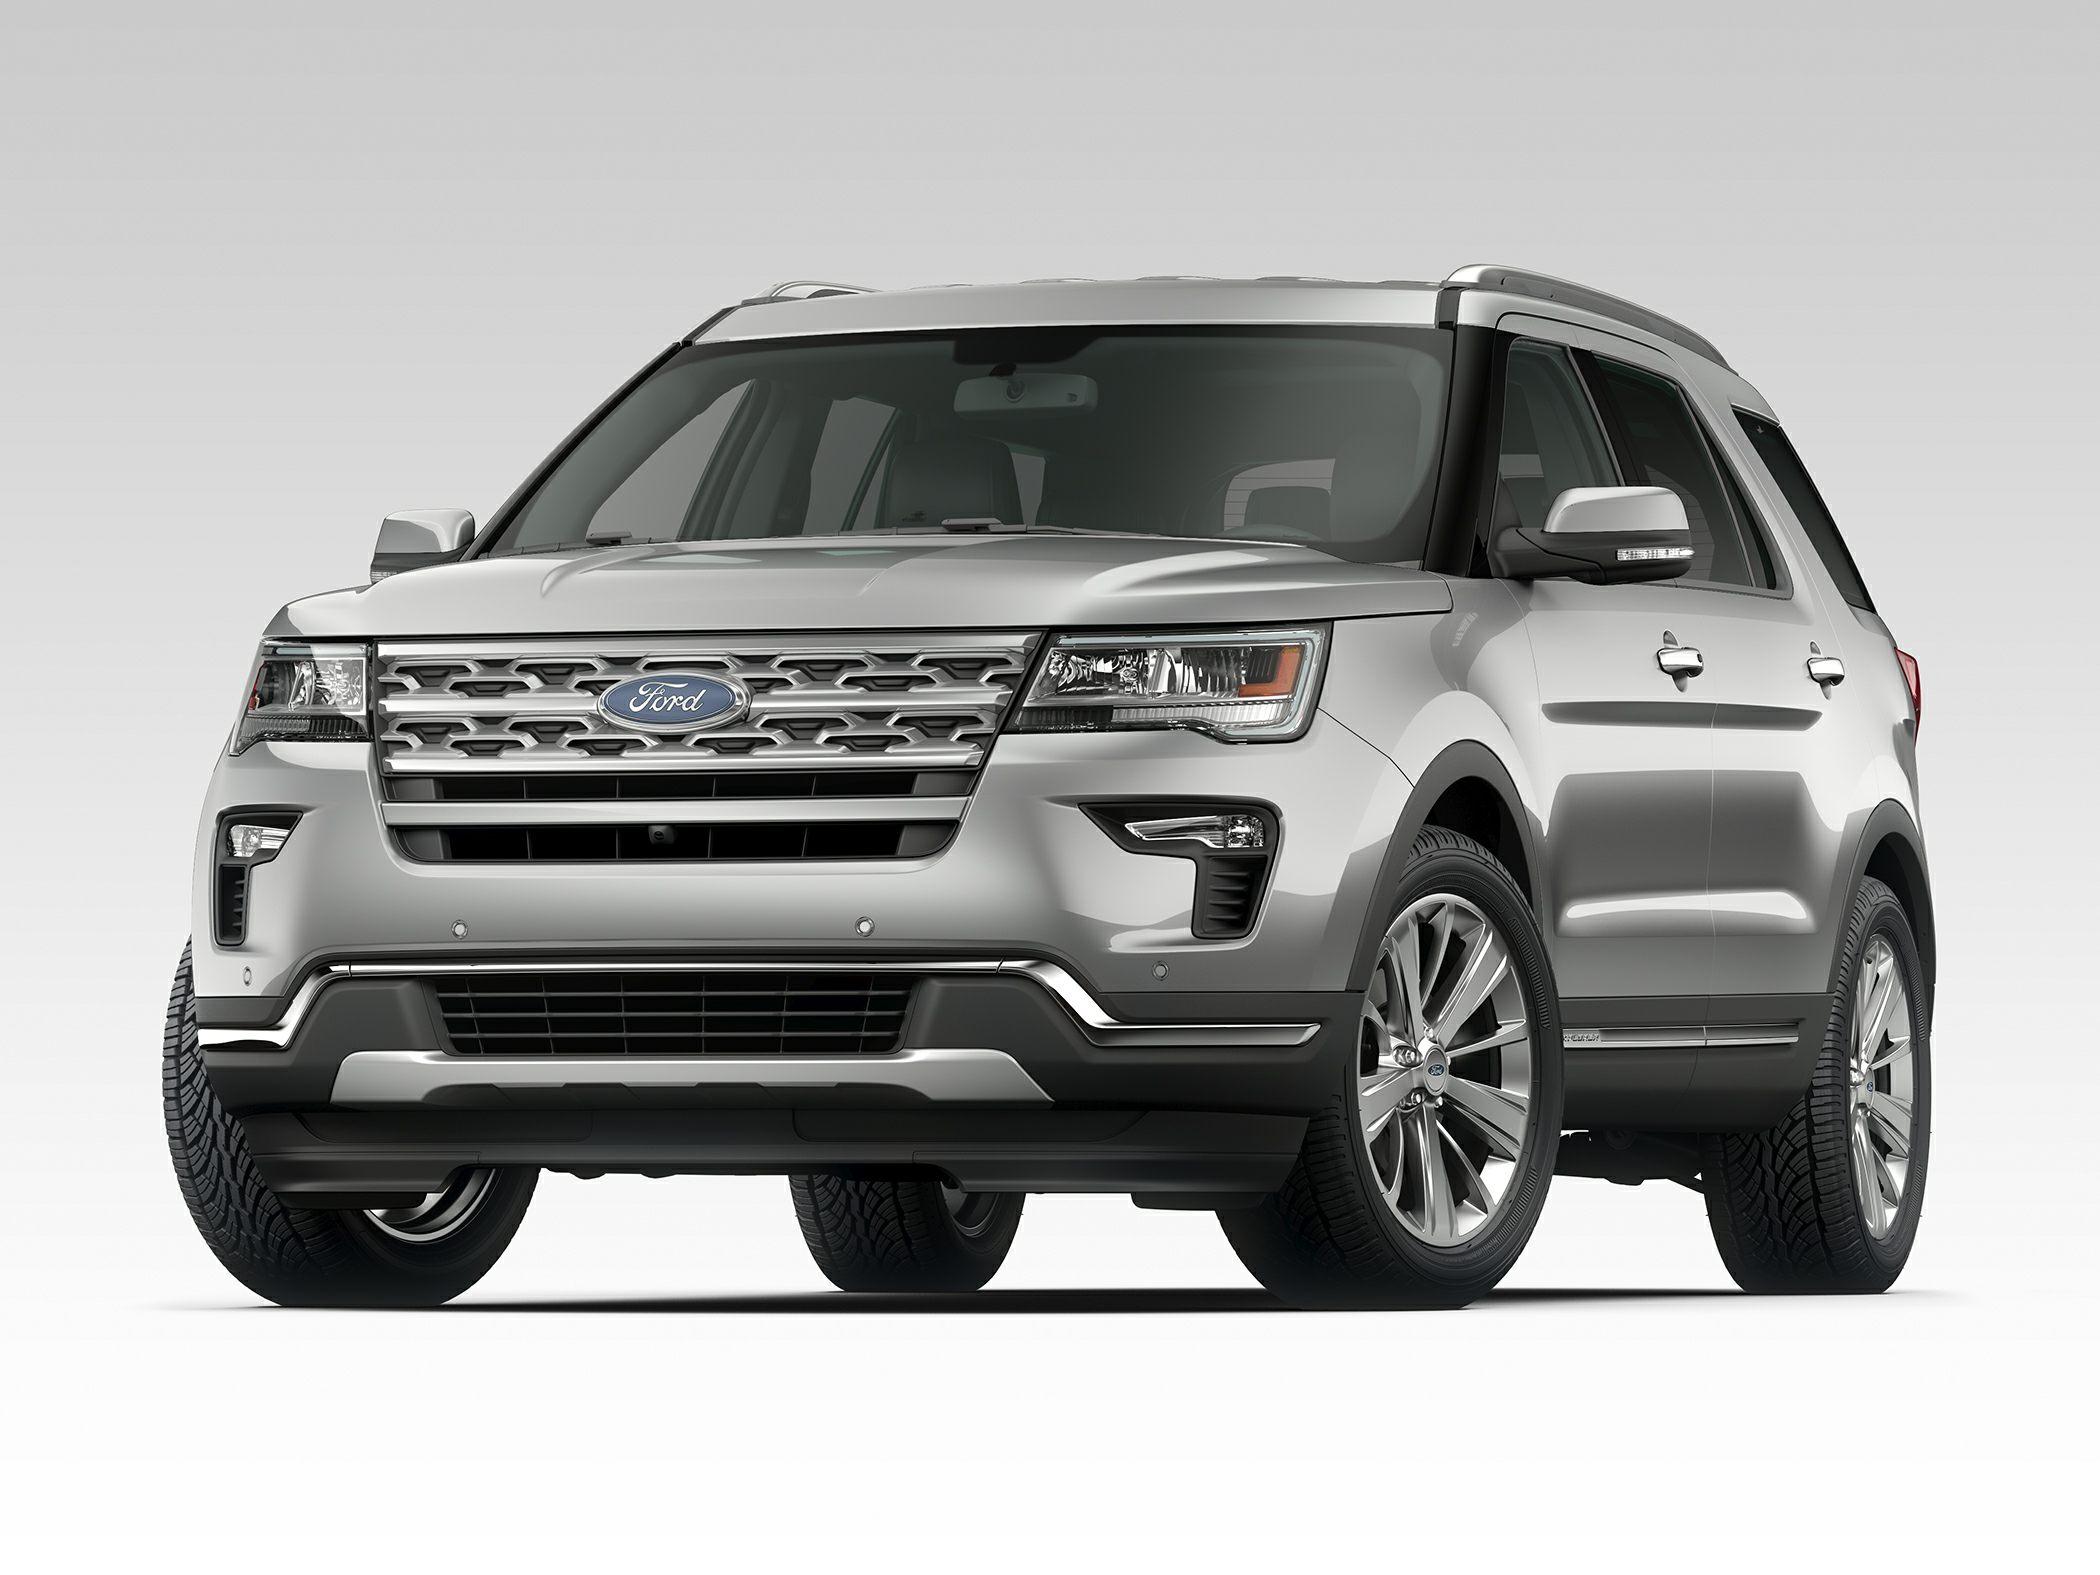 2018 chevy tahoe rst gets a 420 horsepower 6 2 liter v8 option autoblog. Black Bedroom Furniture Sets. Home Design Ideas